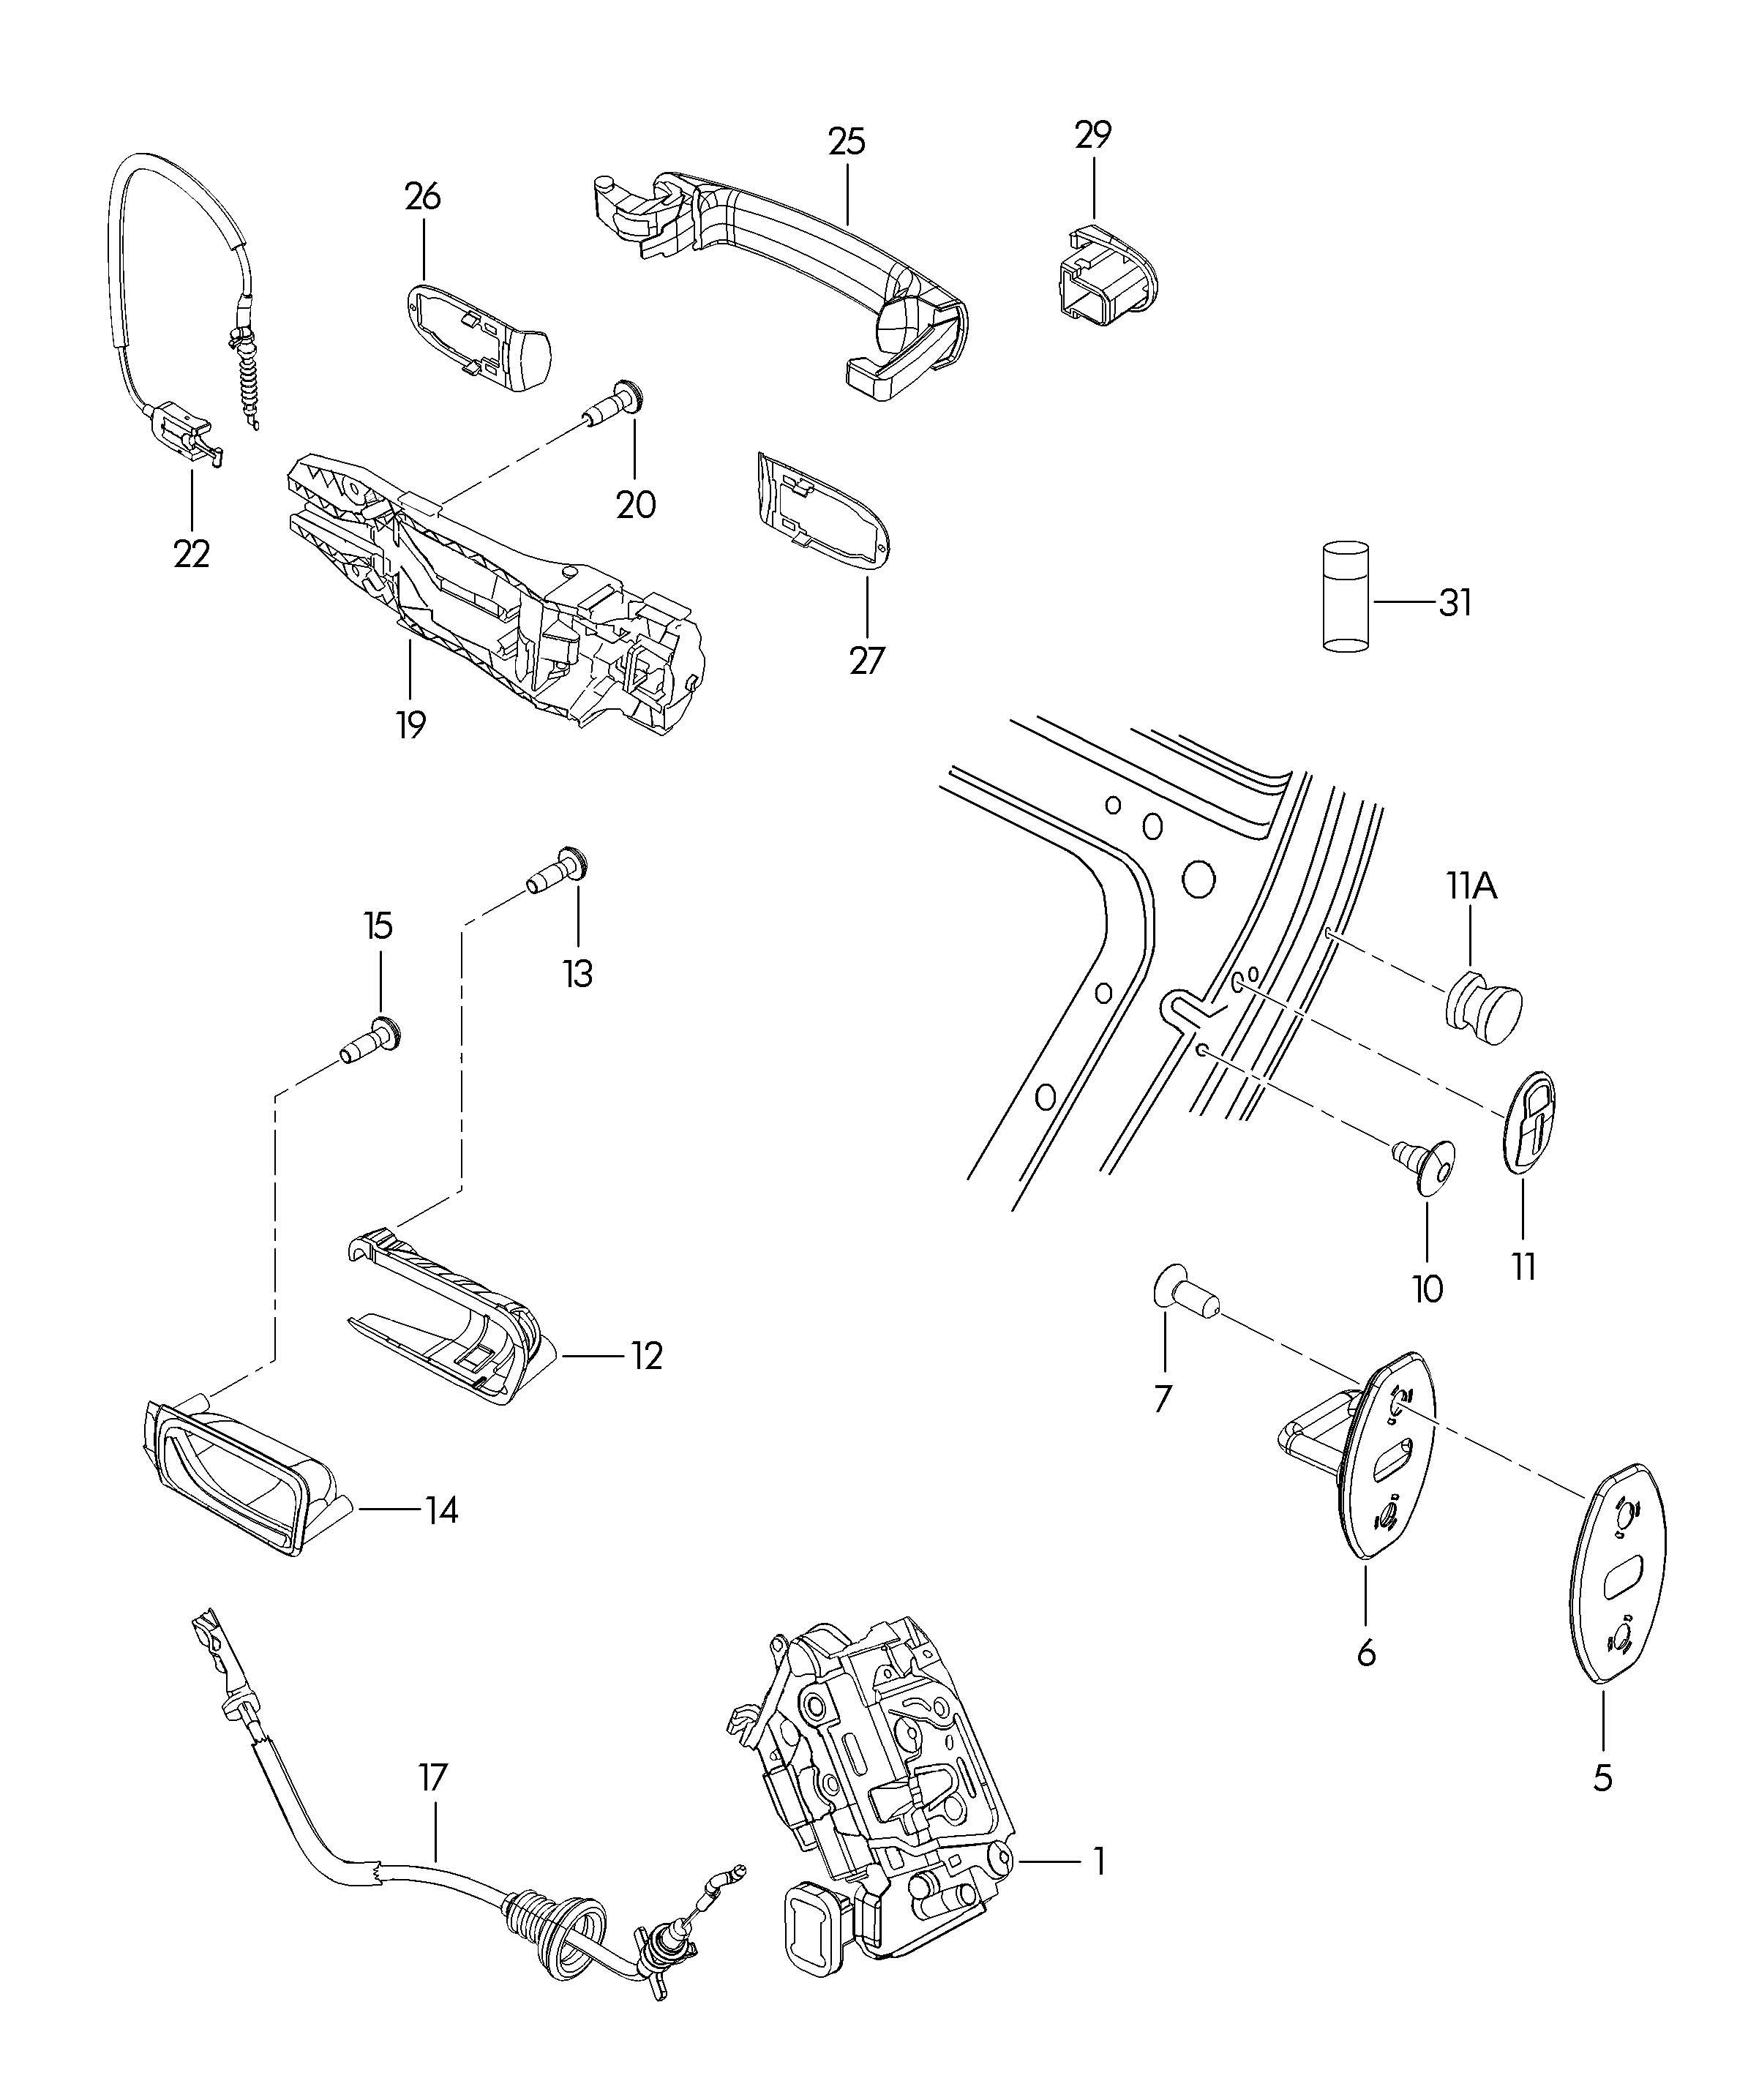 Volkswagen jetta door handle outer door latch interior release rear for Vw jetta interior replacement parts